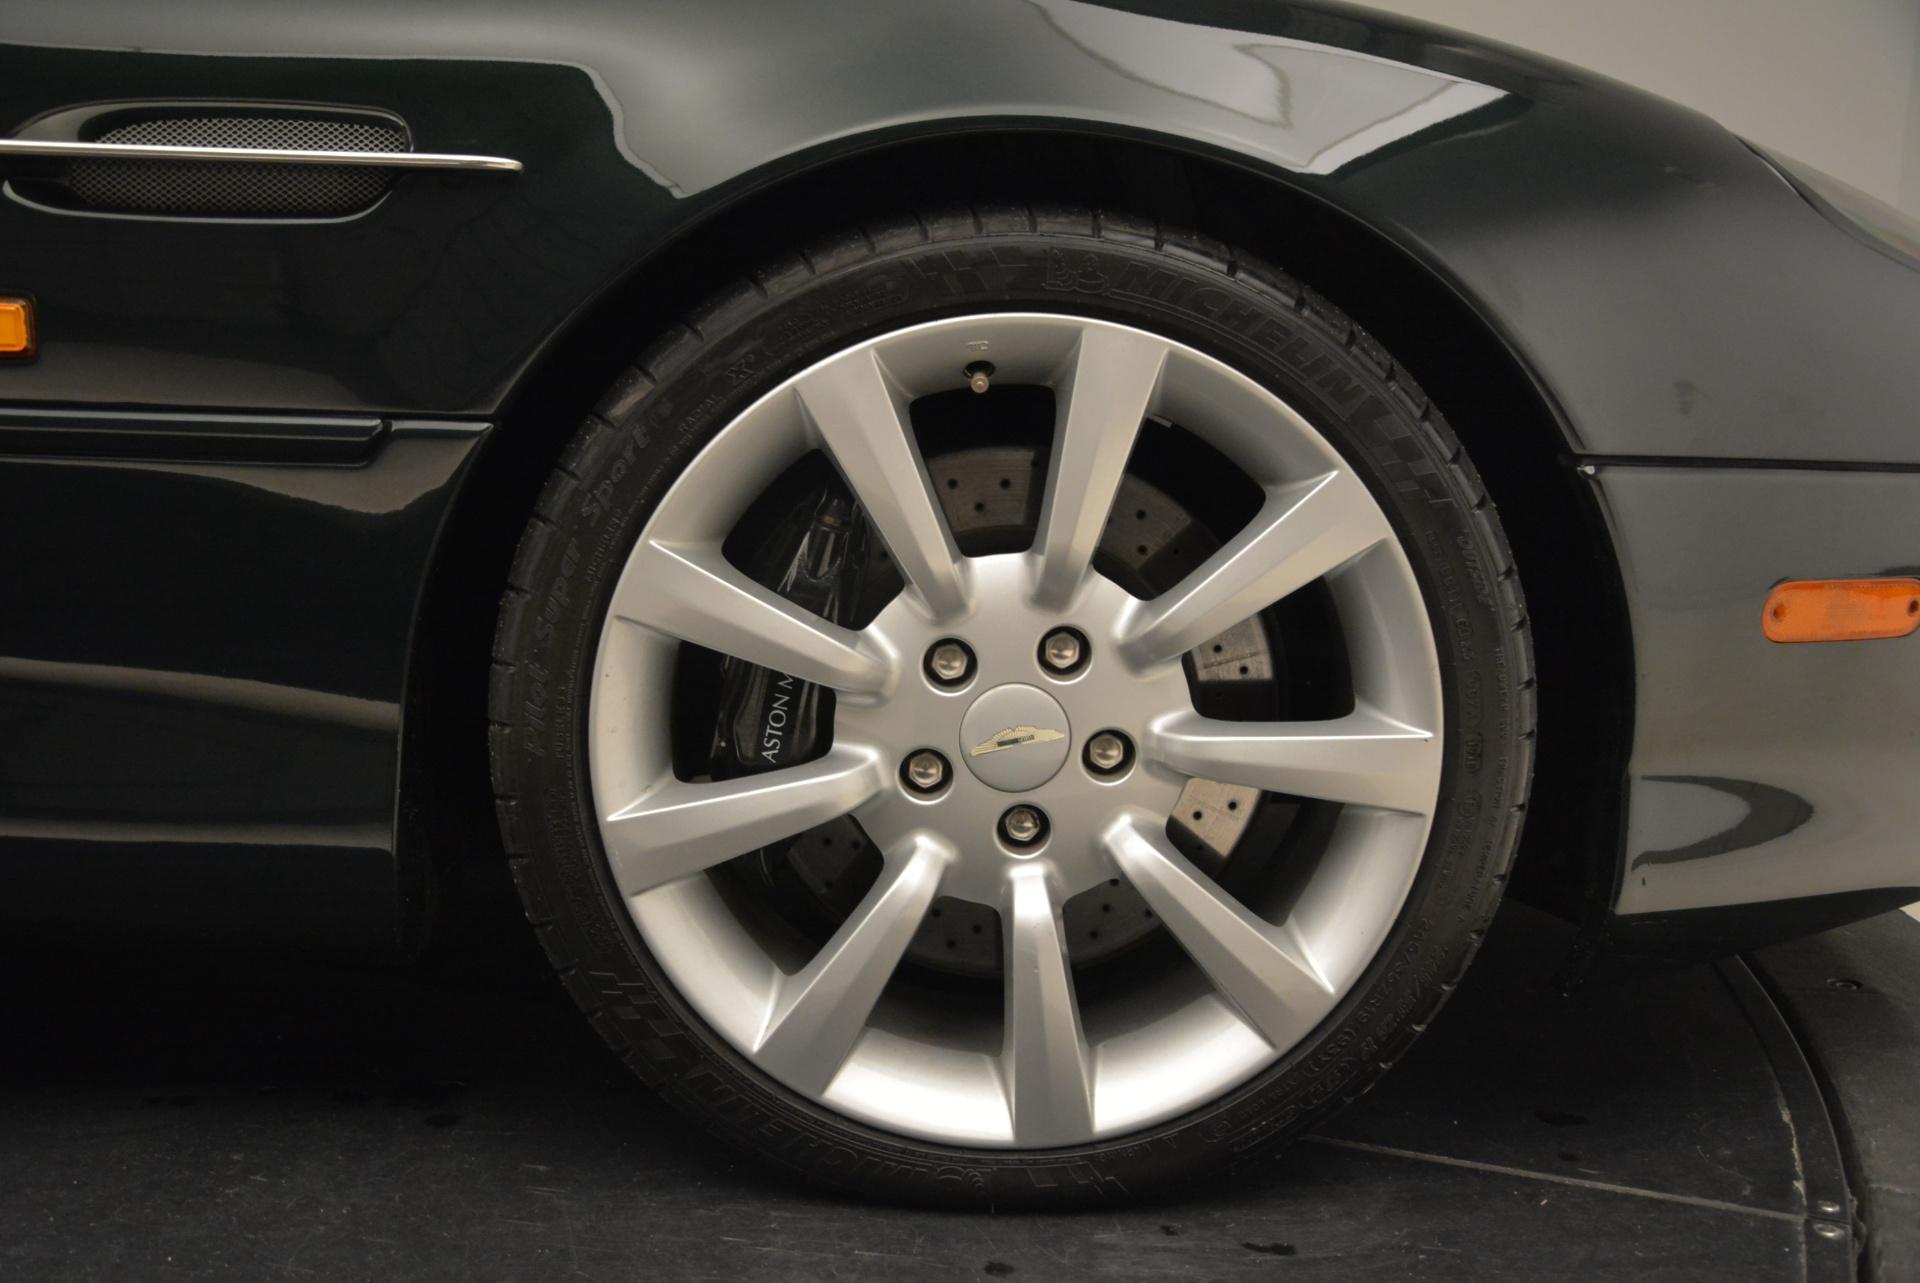 Used 2003 Aston Martin DB7 Vantage Volante For Sale In Greenwich, CT. Alfa Romeo of Greenwich, 7307 2084_p32